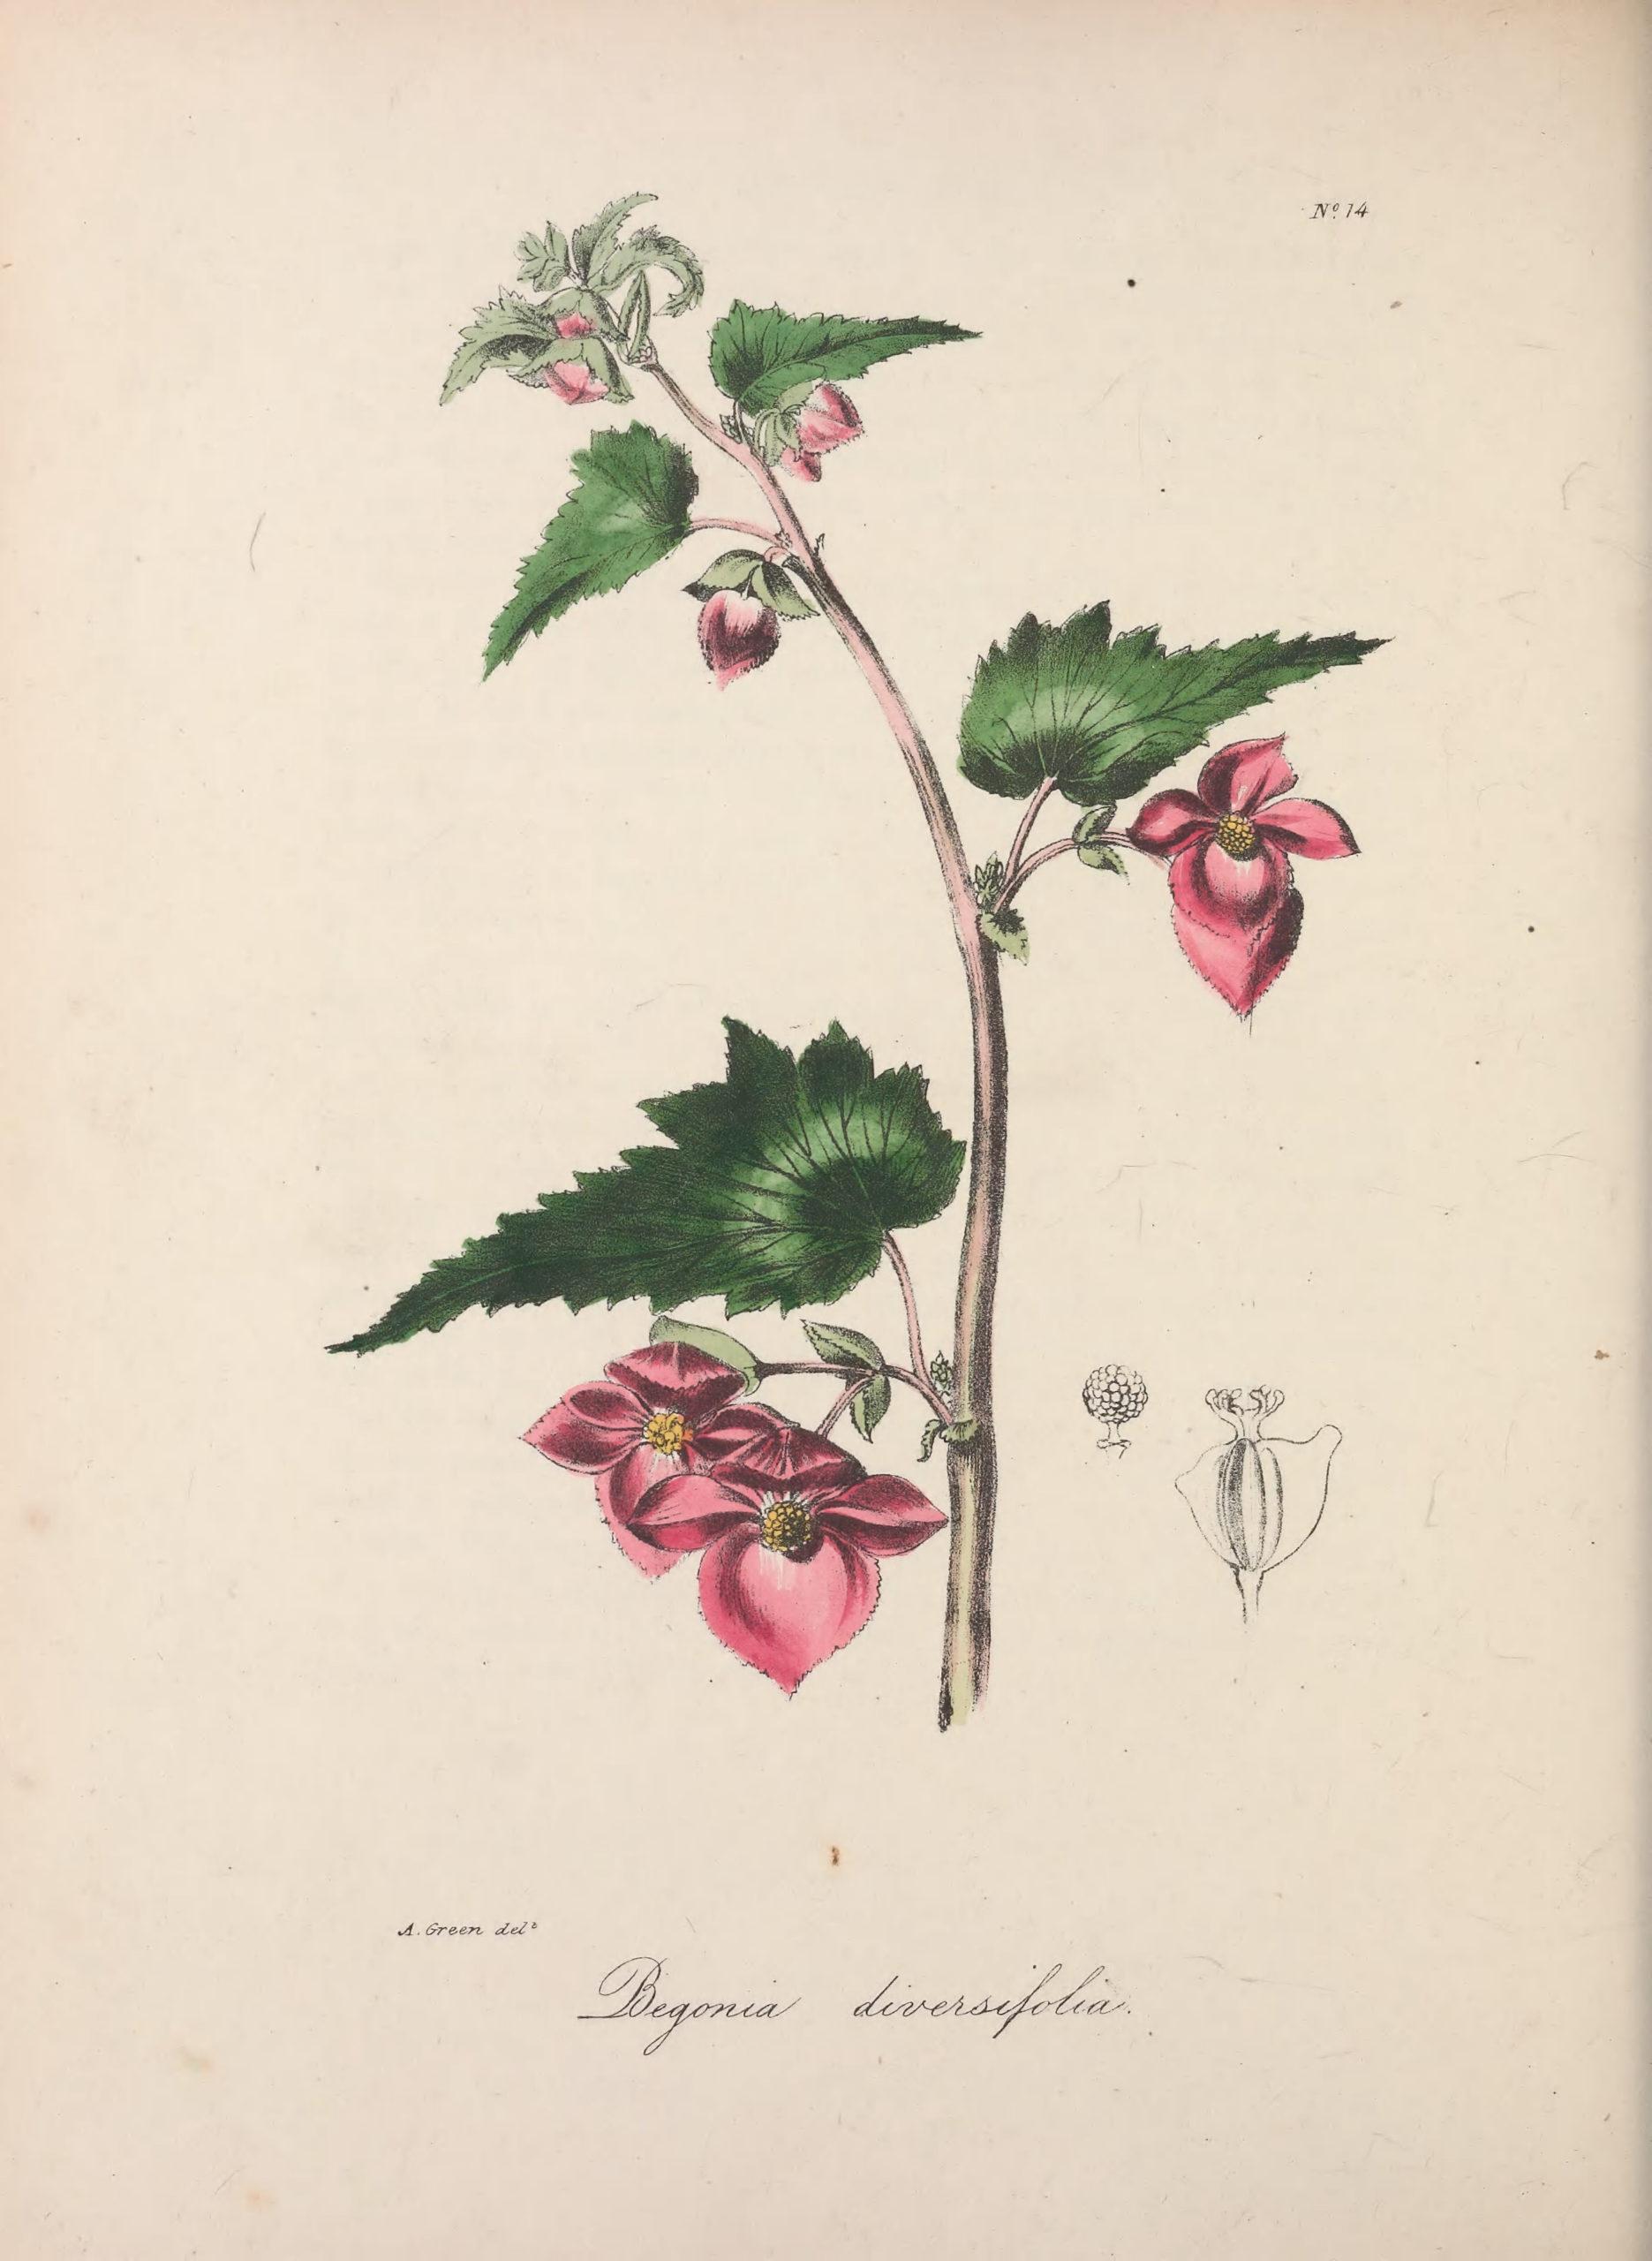 Vintage Botanical Prints - 58 in a series - Begonia diversifolia (1837)